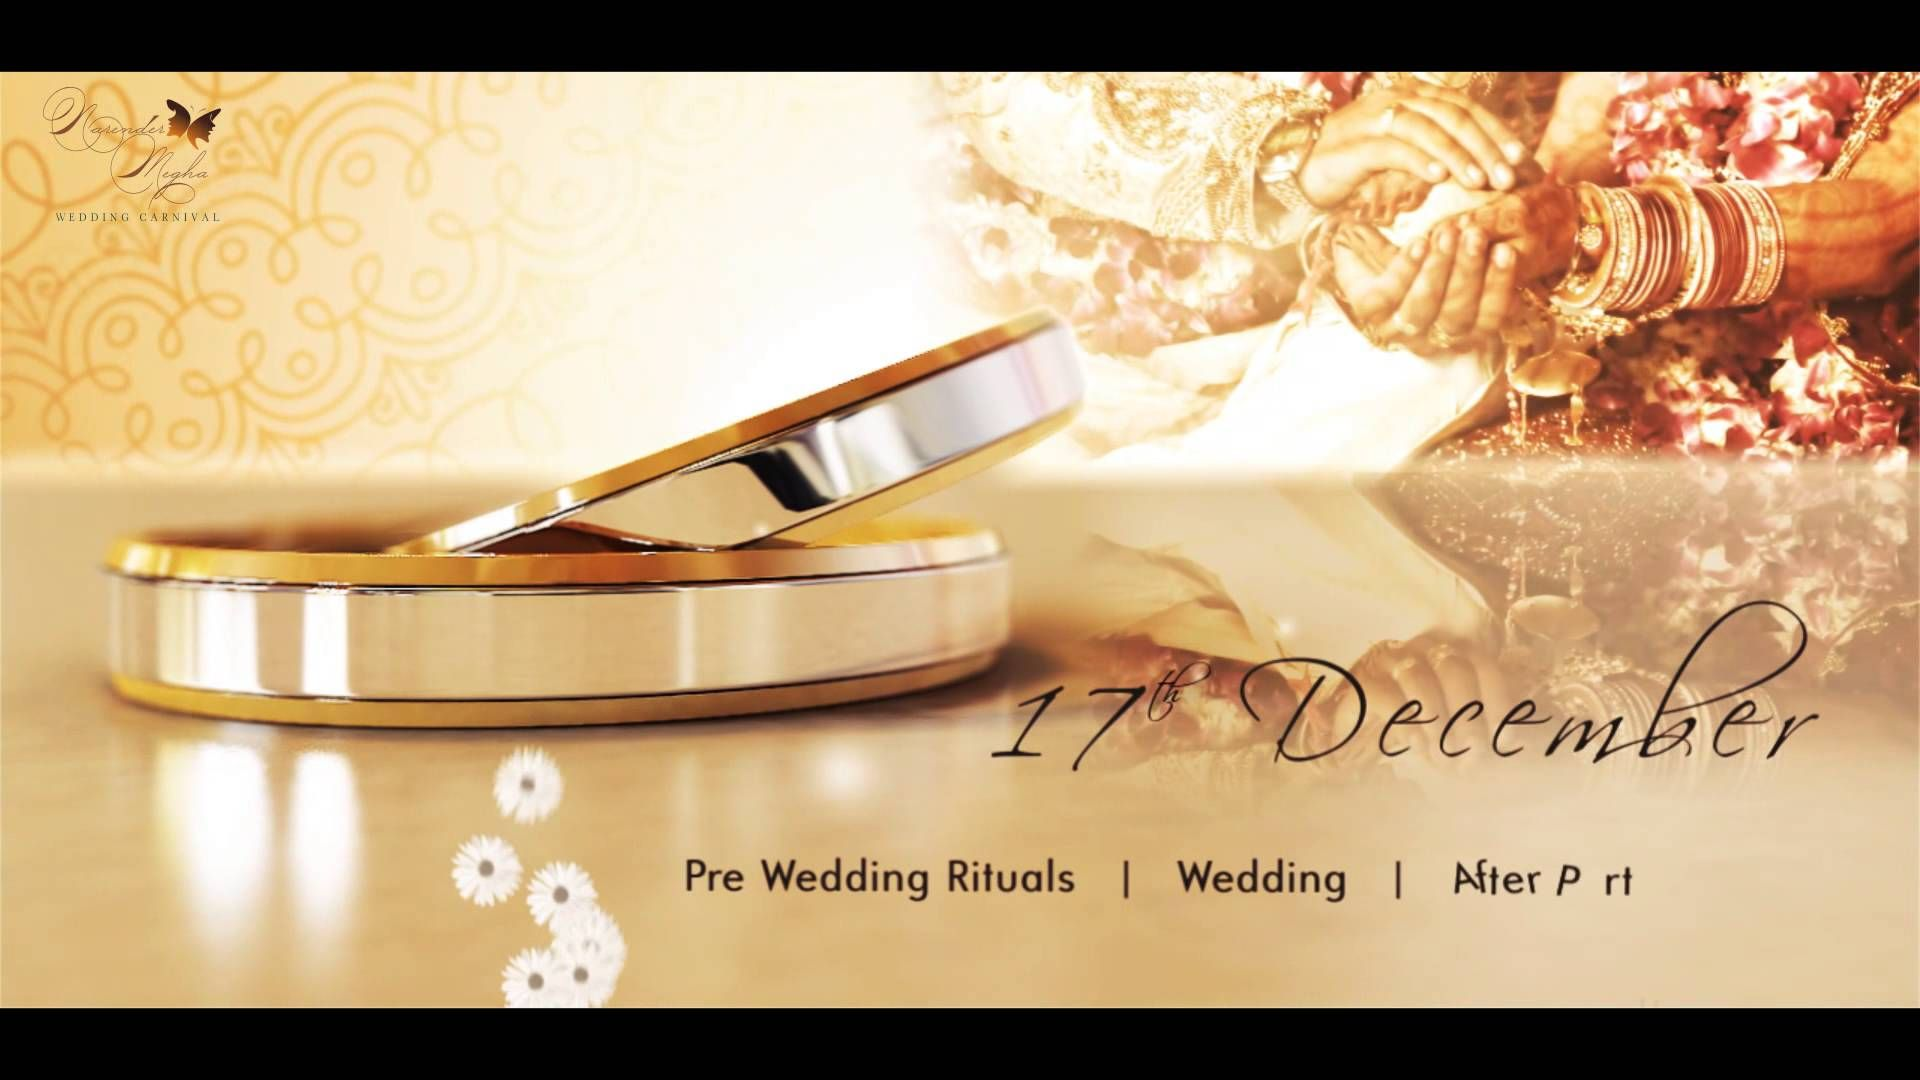 wedding invitation video, video invitation classy